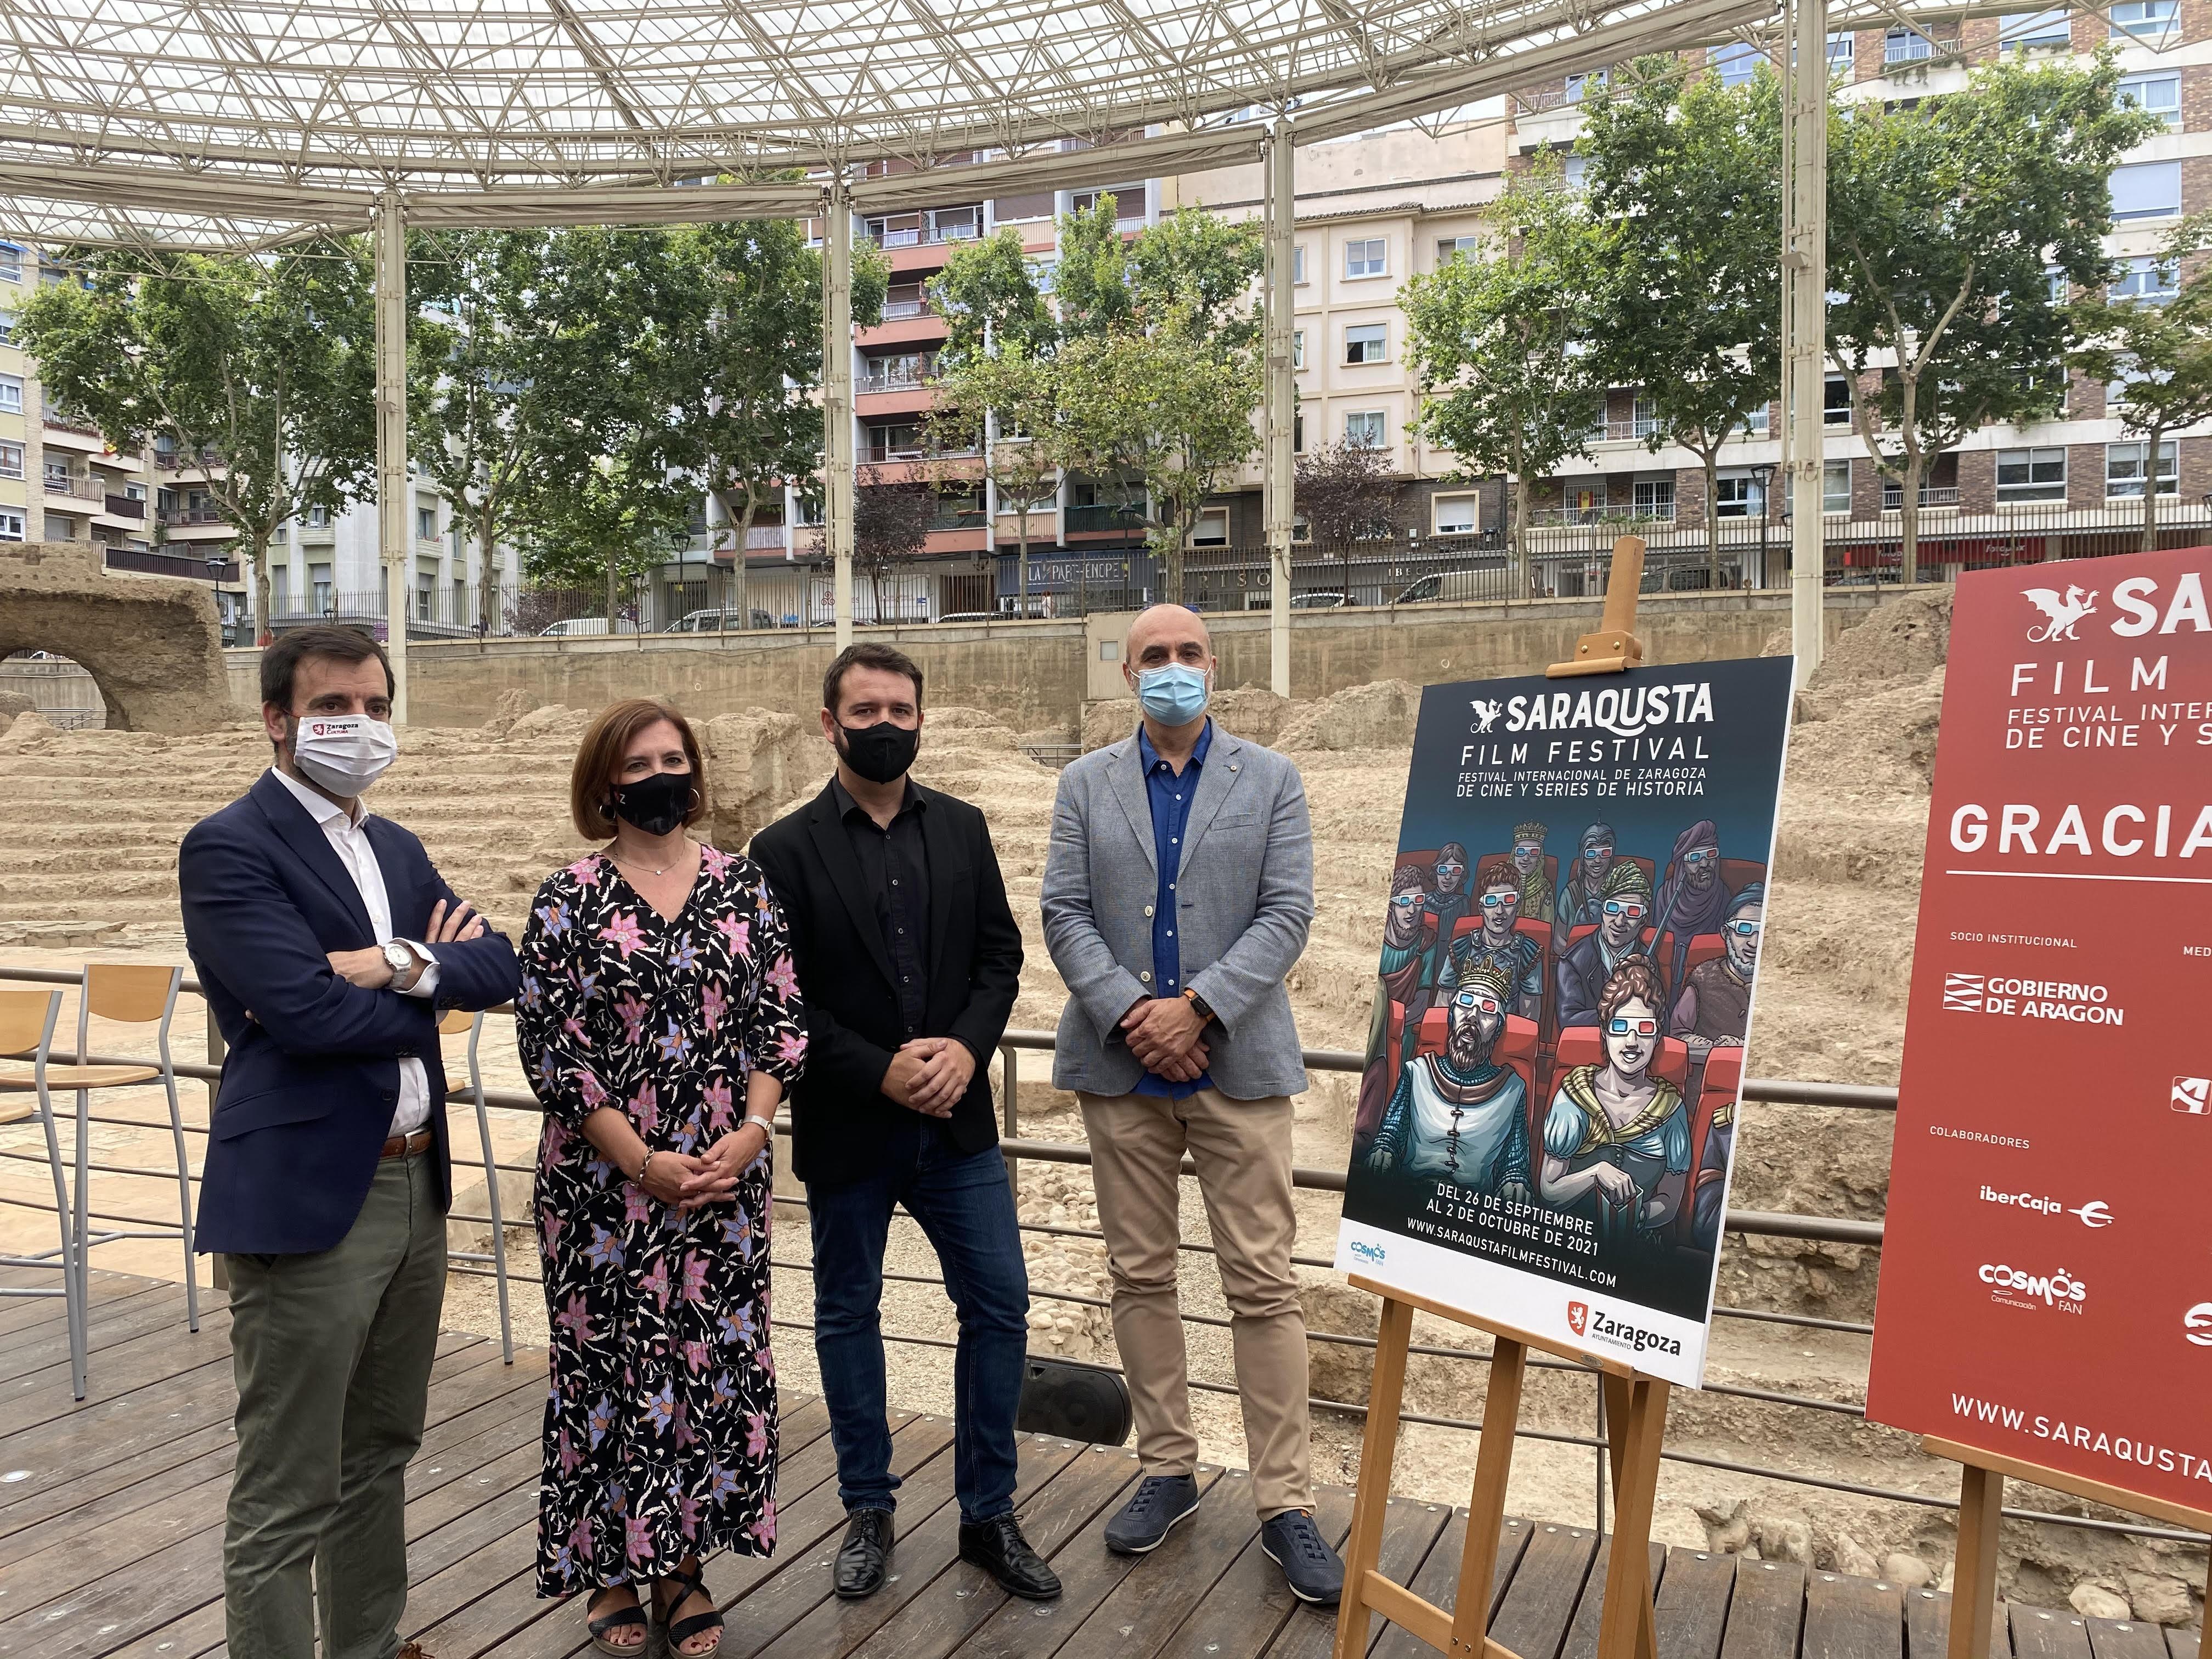 La ciudad de Zaragoza acoge la primera edición del Saraqusta Film Festival